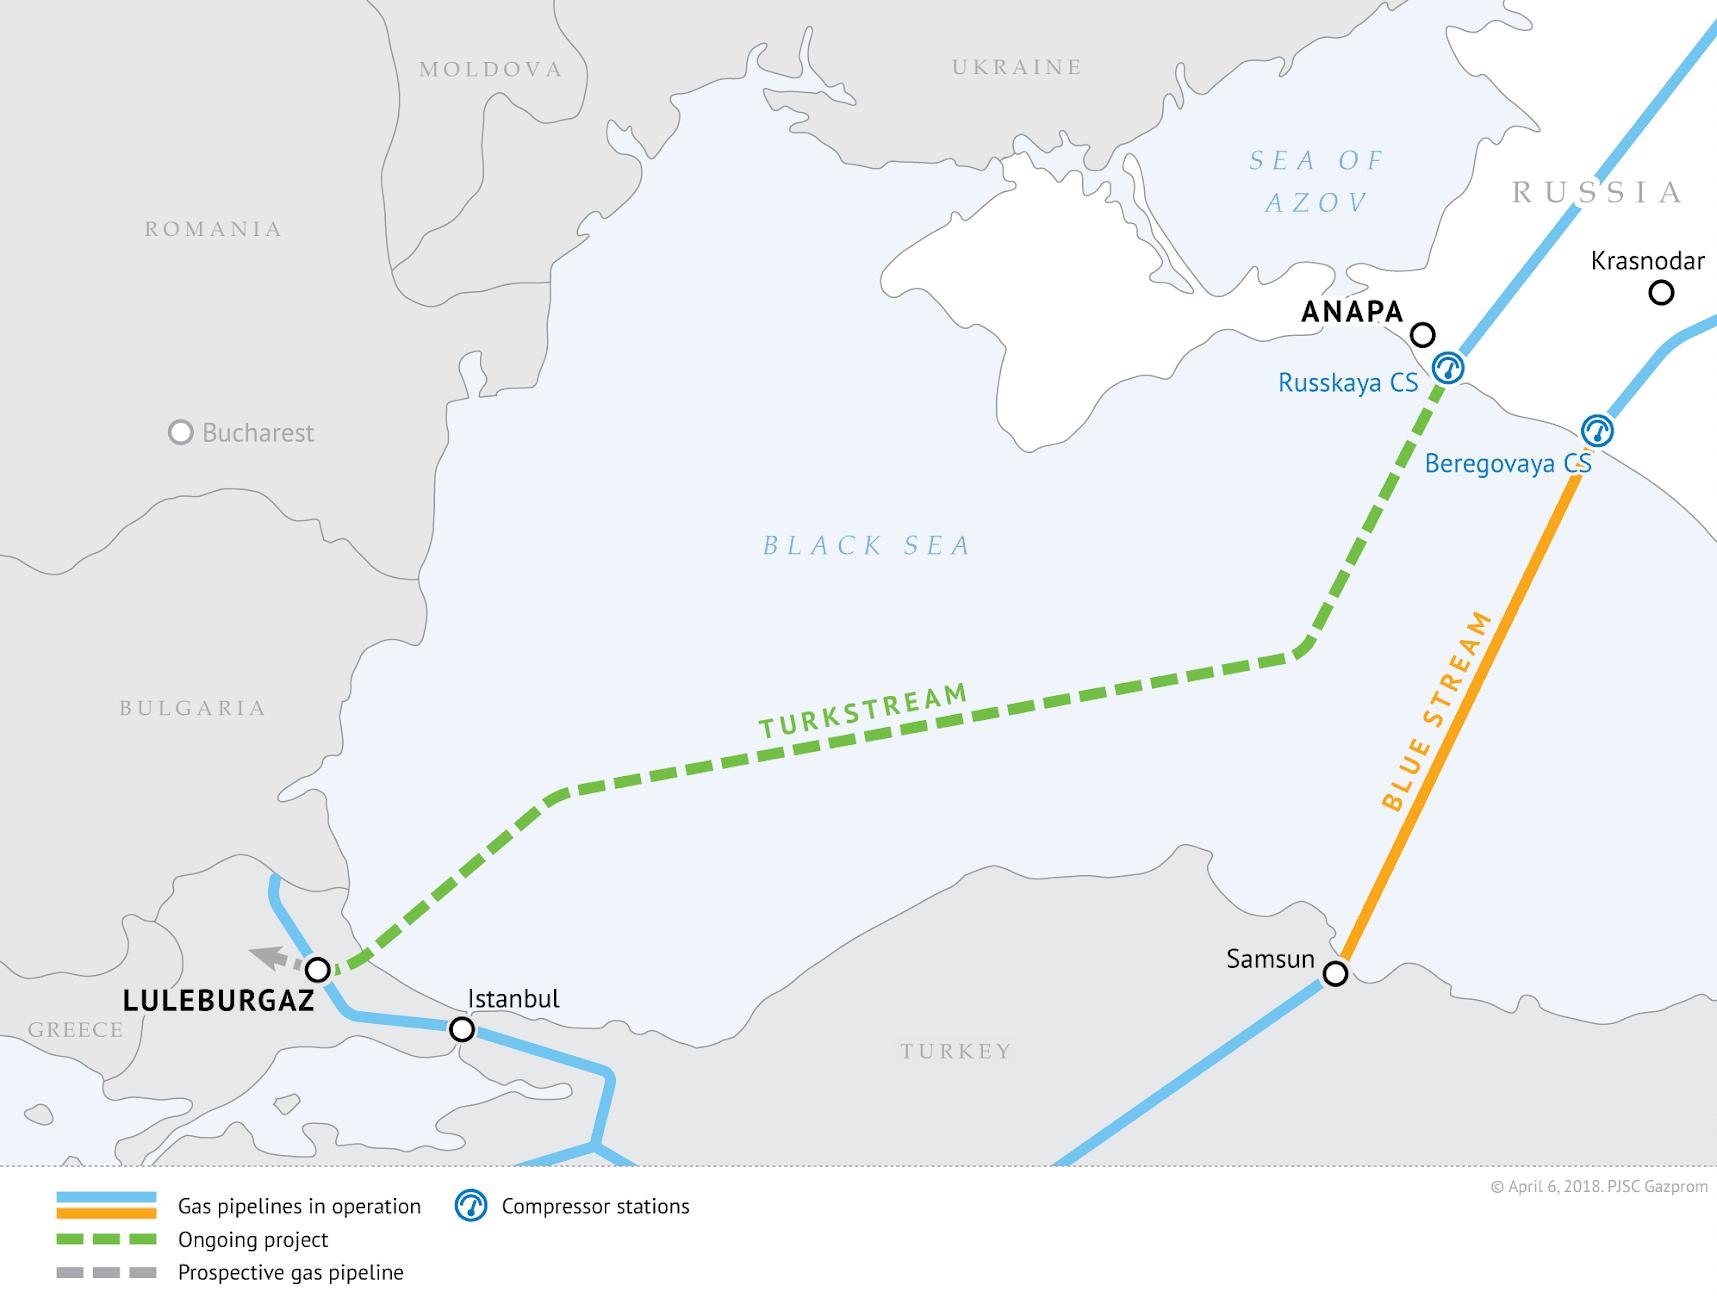 Ανατρέπονται οι ισορροπίες στην ΝΑ Ευρώπη – Η Βουλγαρία διεκδικεί ρωσικό φυσικό αέριο – Η Ε.Ε. ανησυχεί